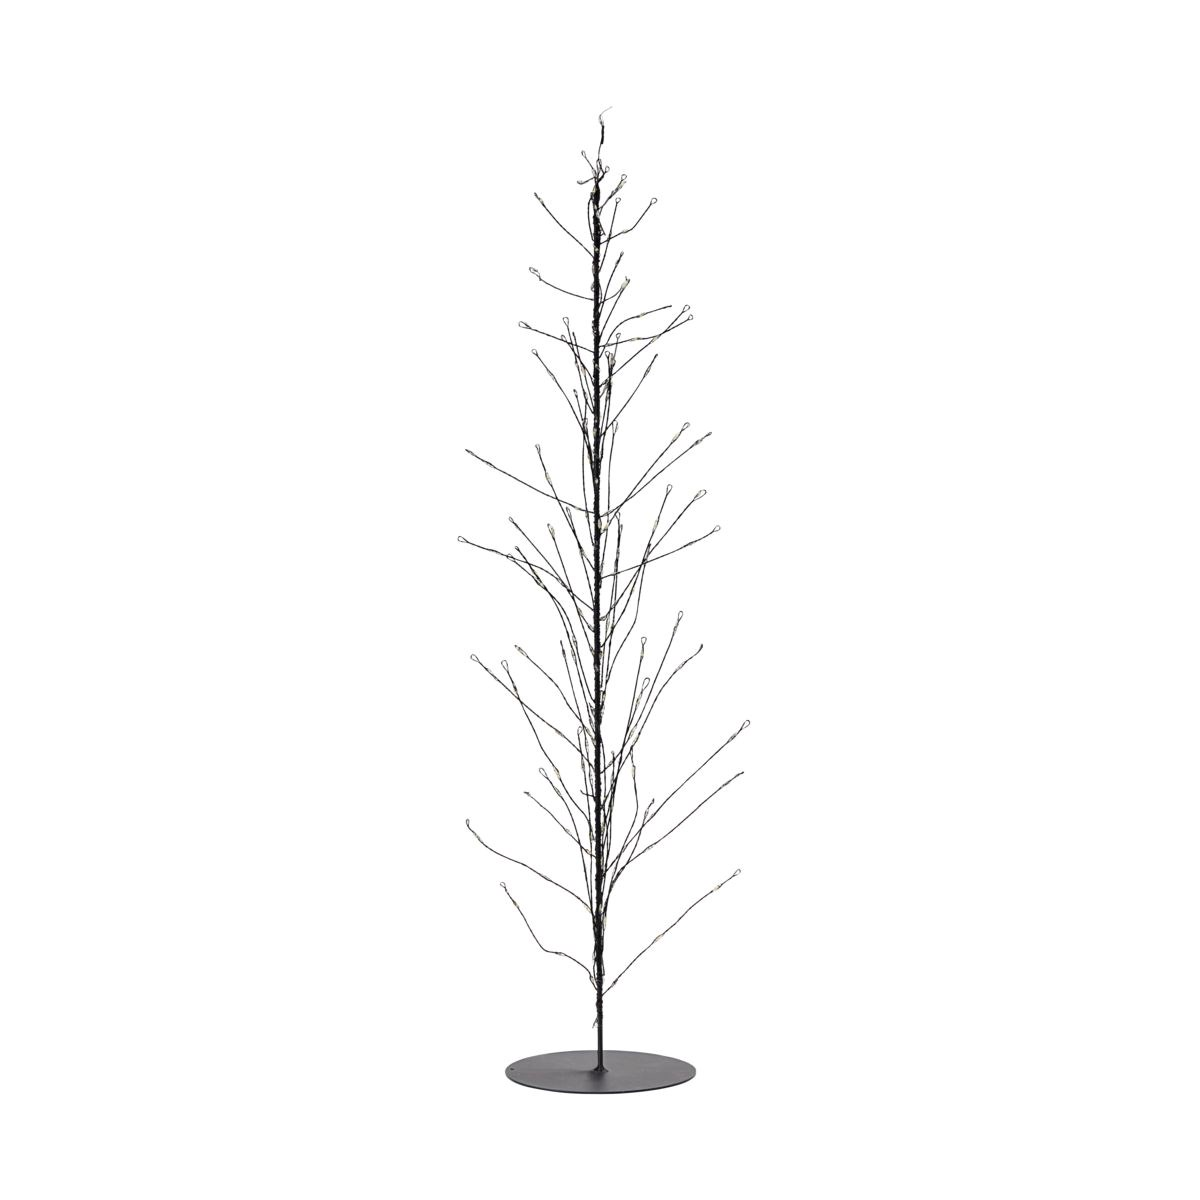 Svítící drátěný strom GLOW s časovačem 60 cm černý_3